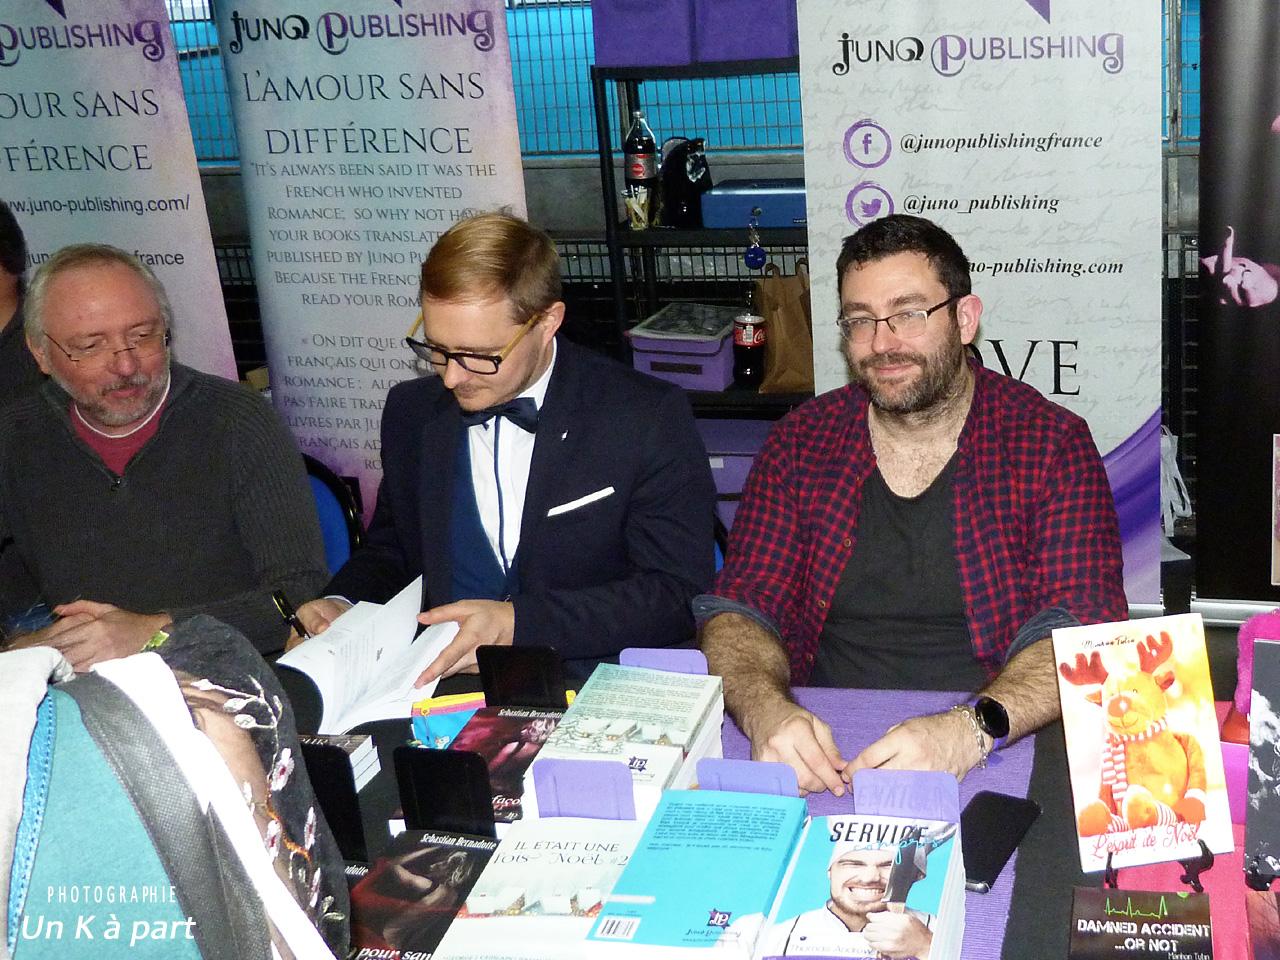 FLR 2019 Juno Publishing